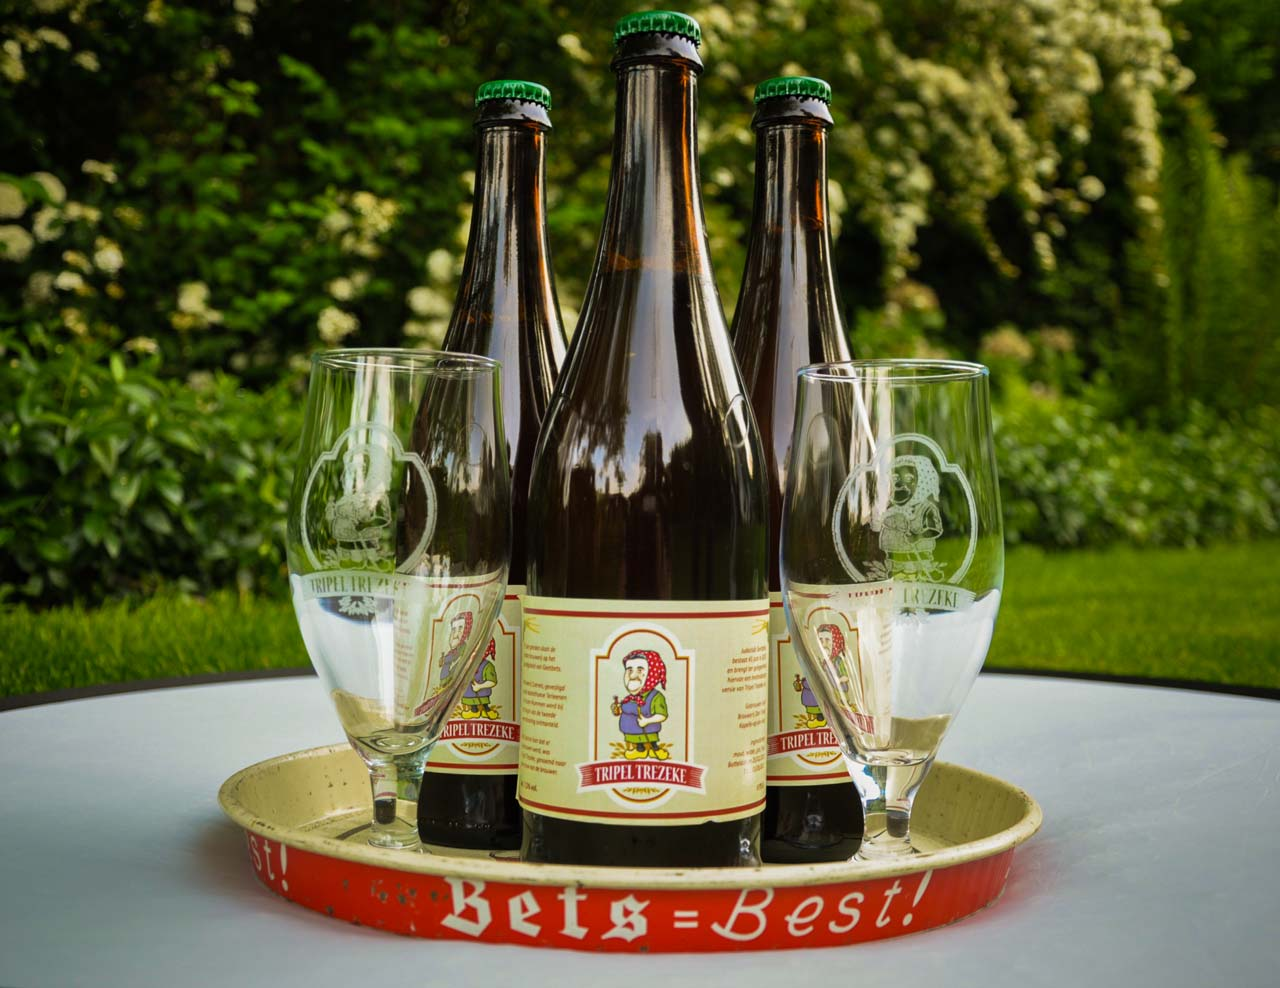 Tripel Trezeke, flessen en glazen van dit ambachtelijke natuurlijke blonde streekbier uit Geetbets